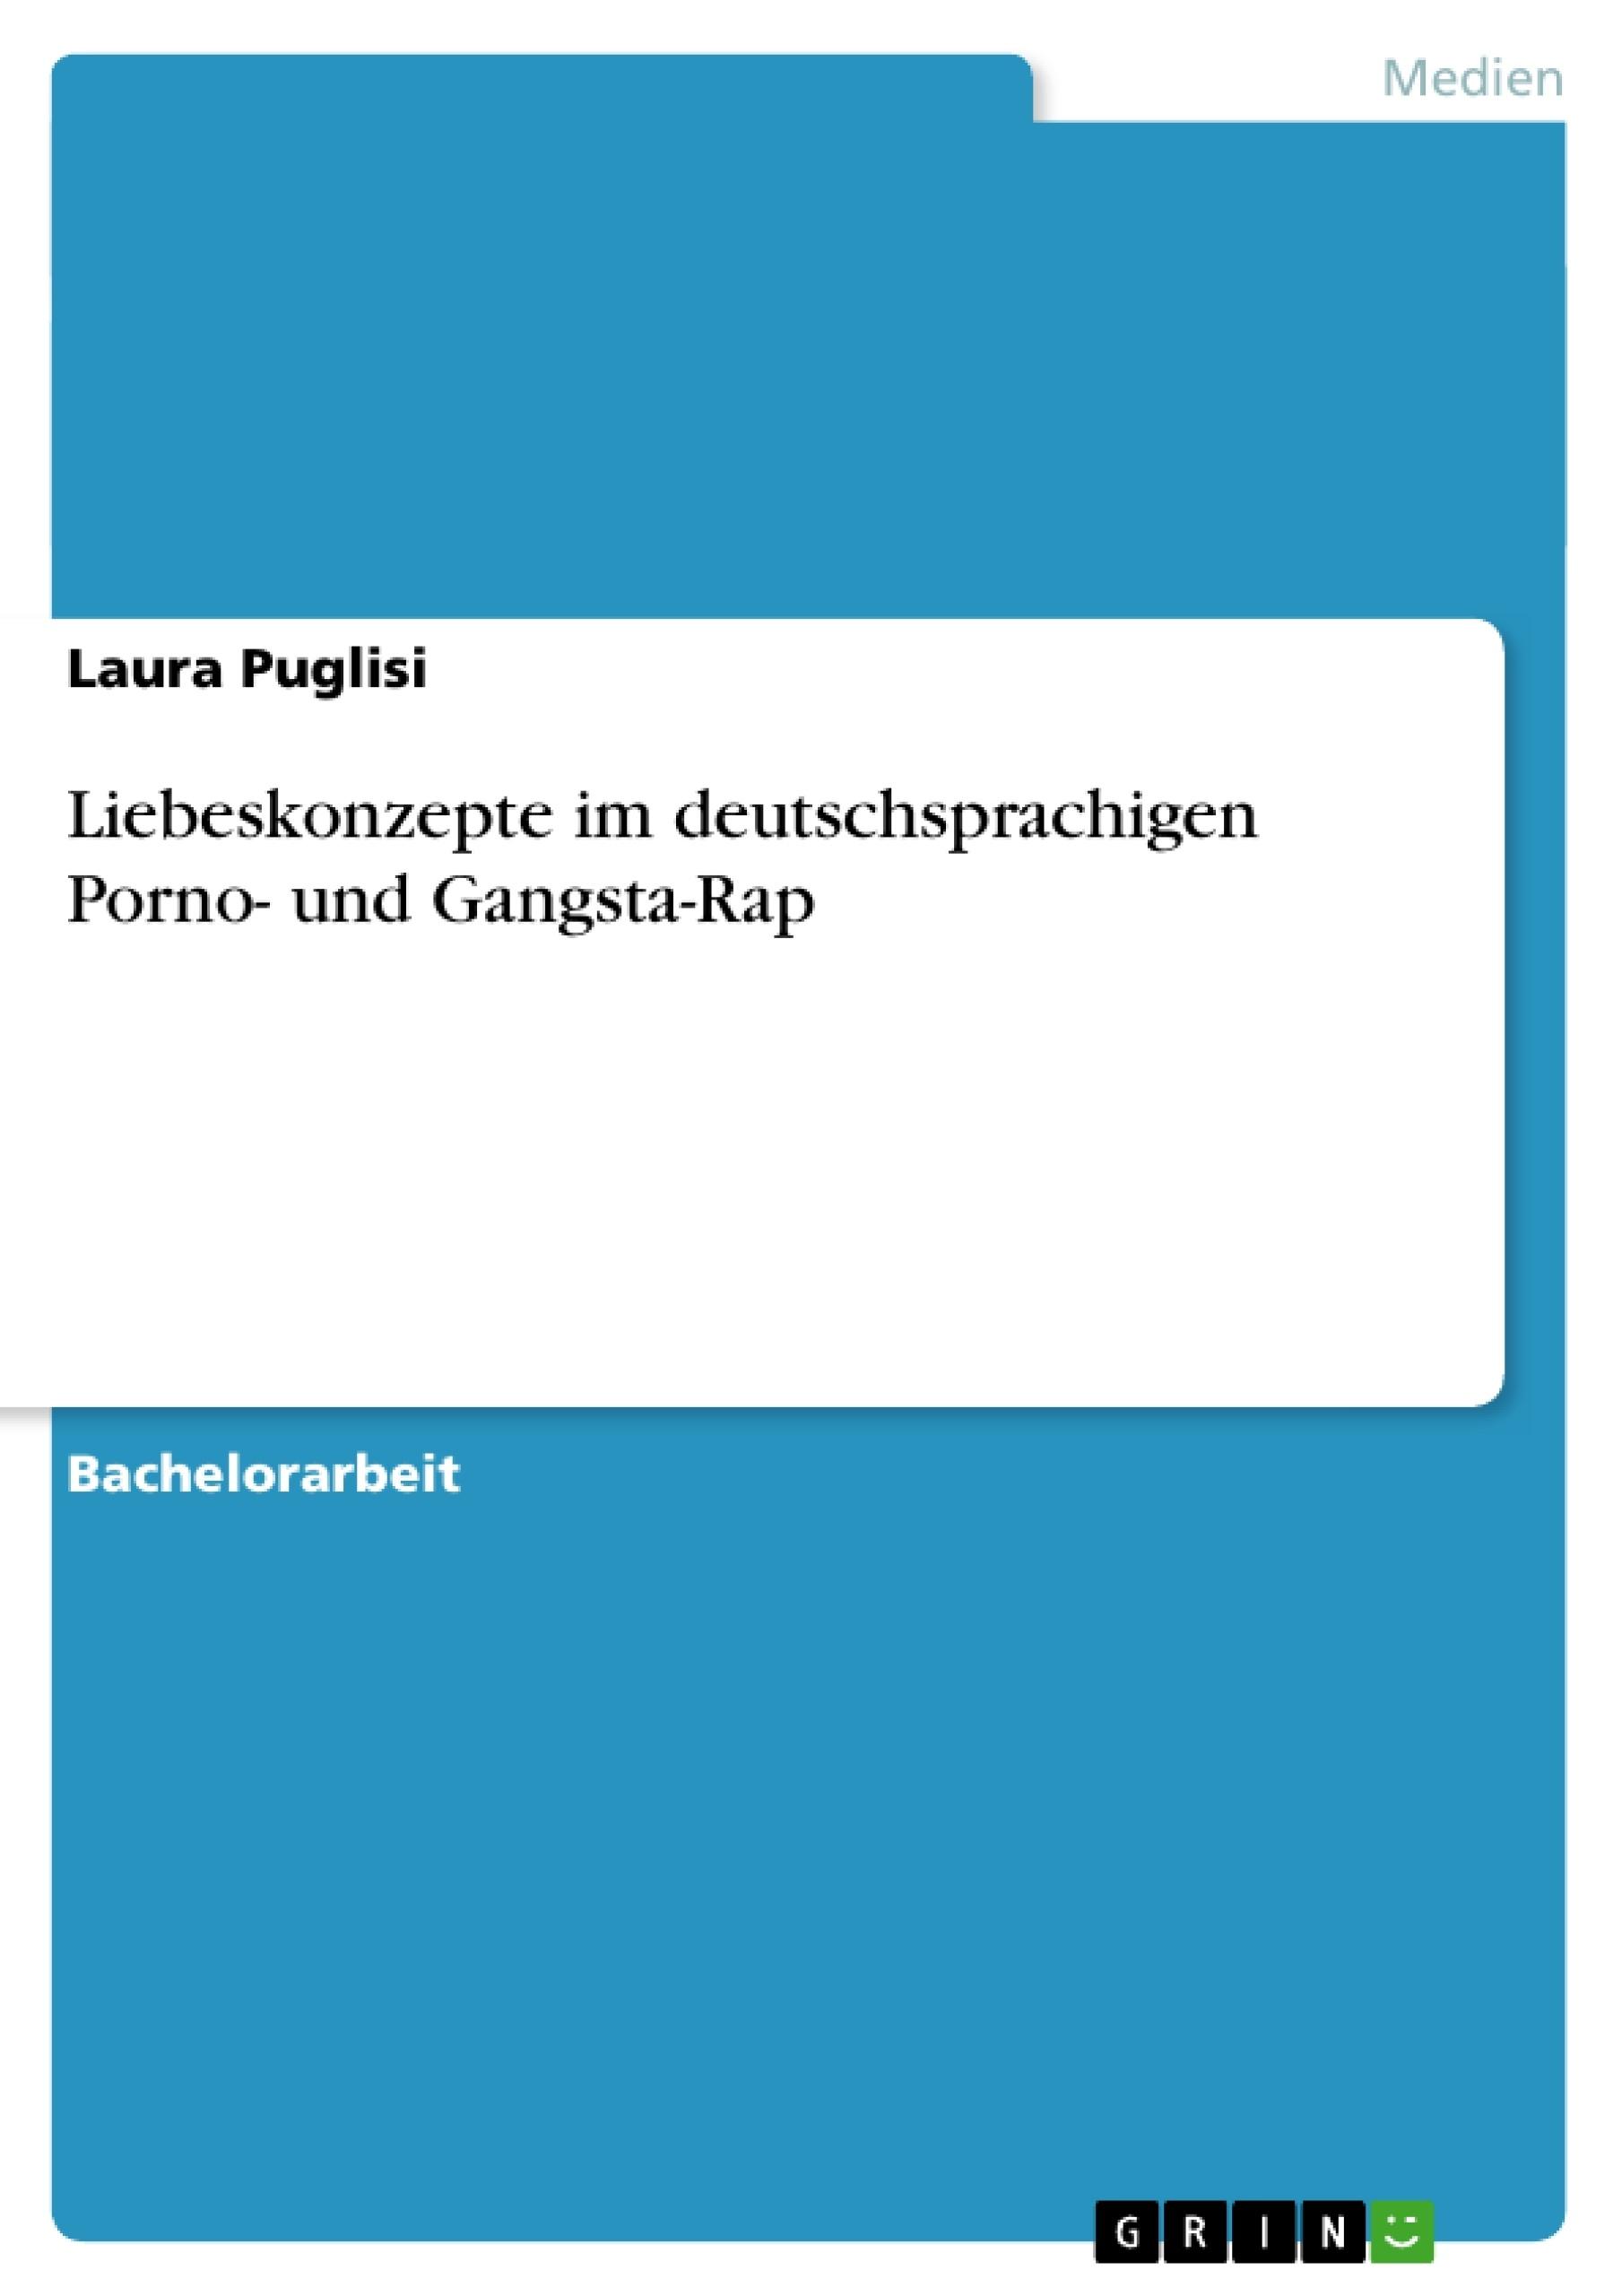 Titel: Liebeskonzepte im deutschsprachigen Porno- und Gangsta-Rap